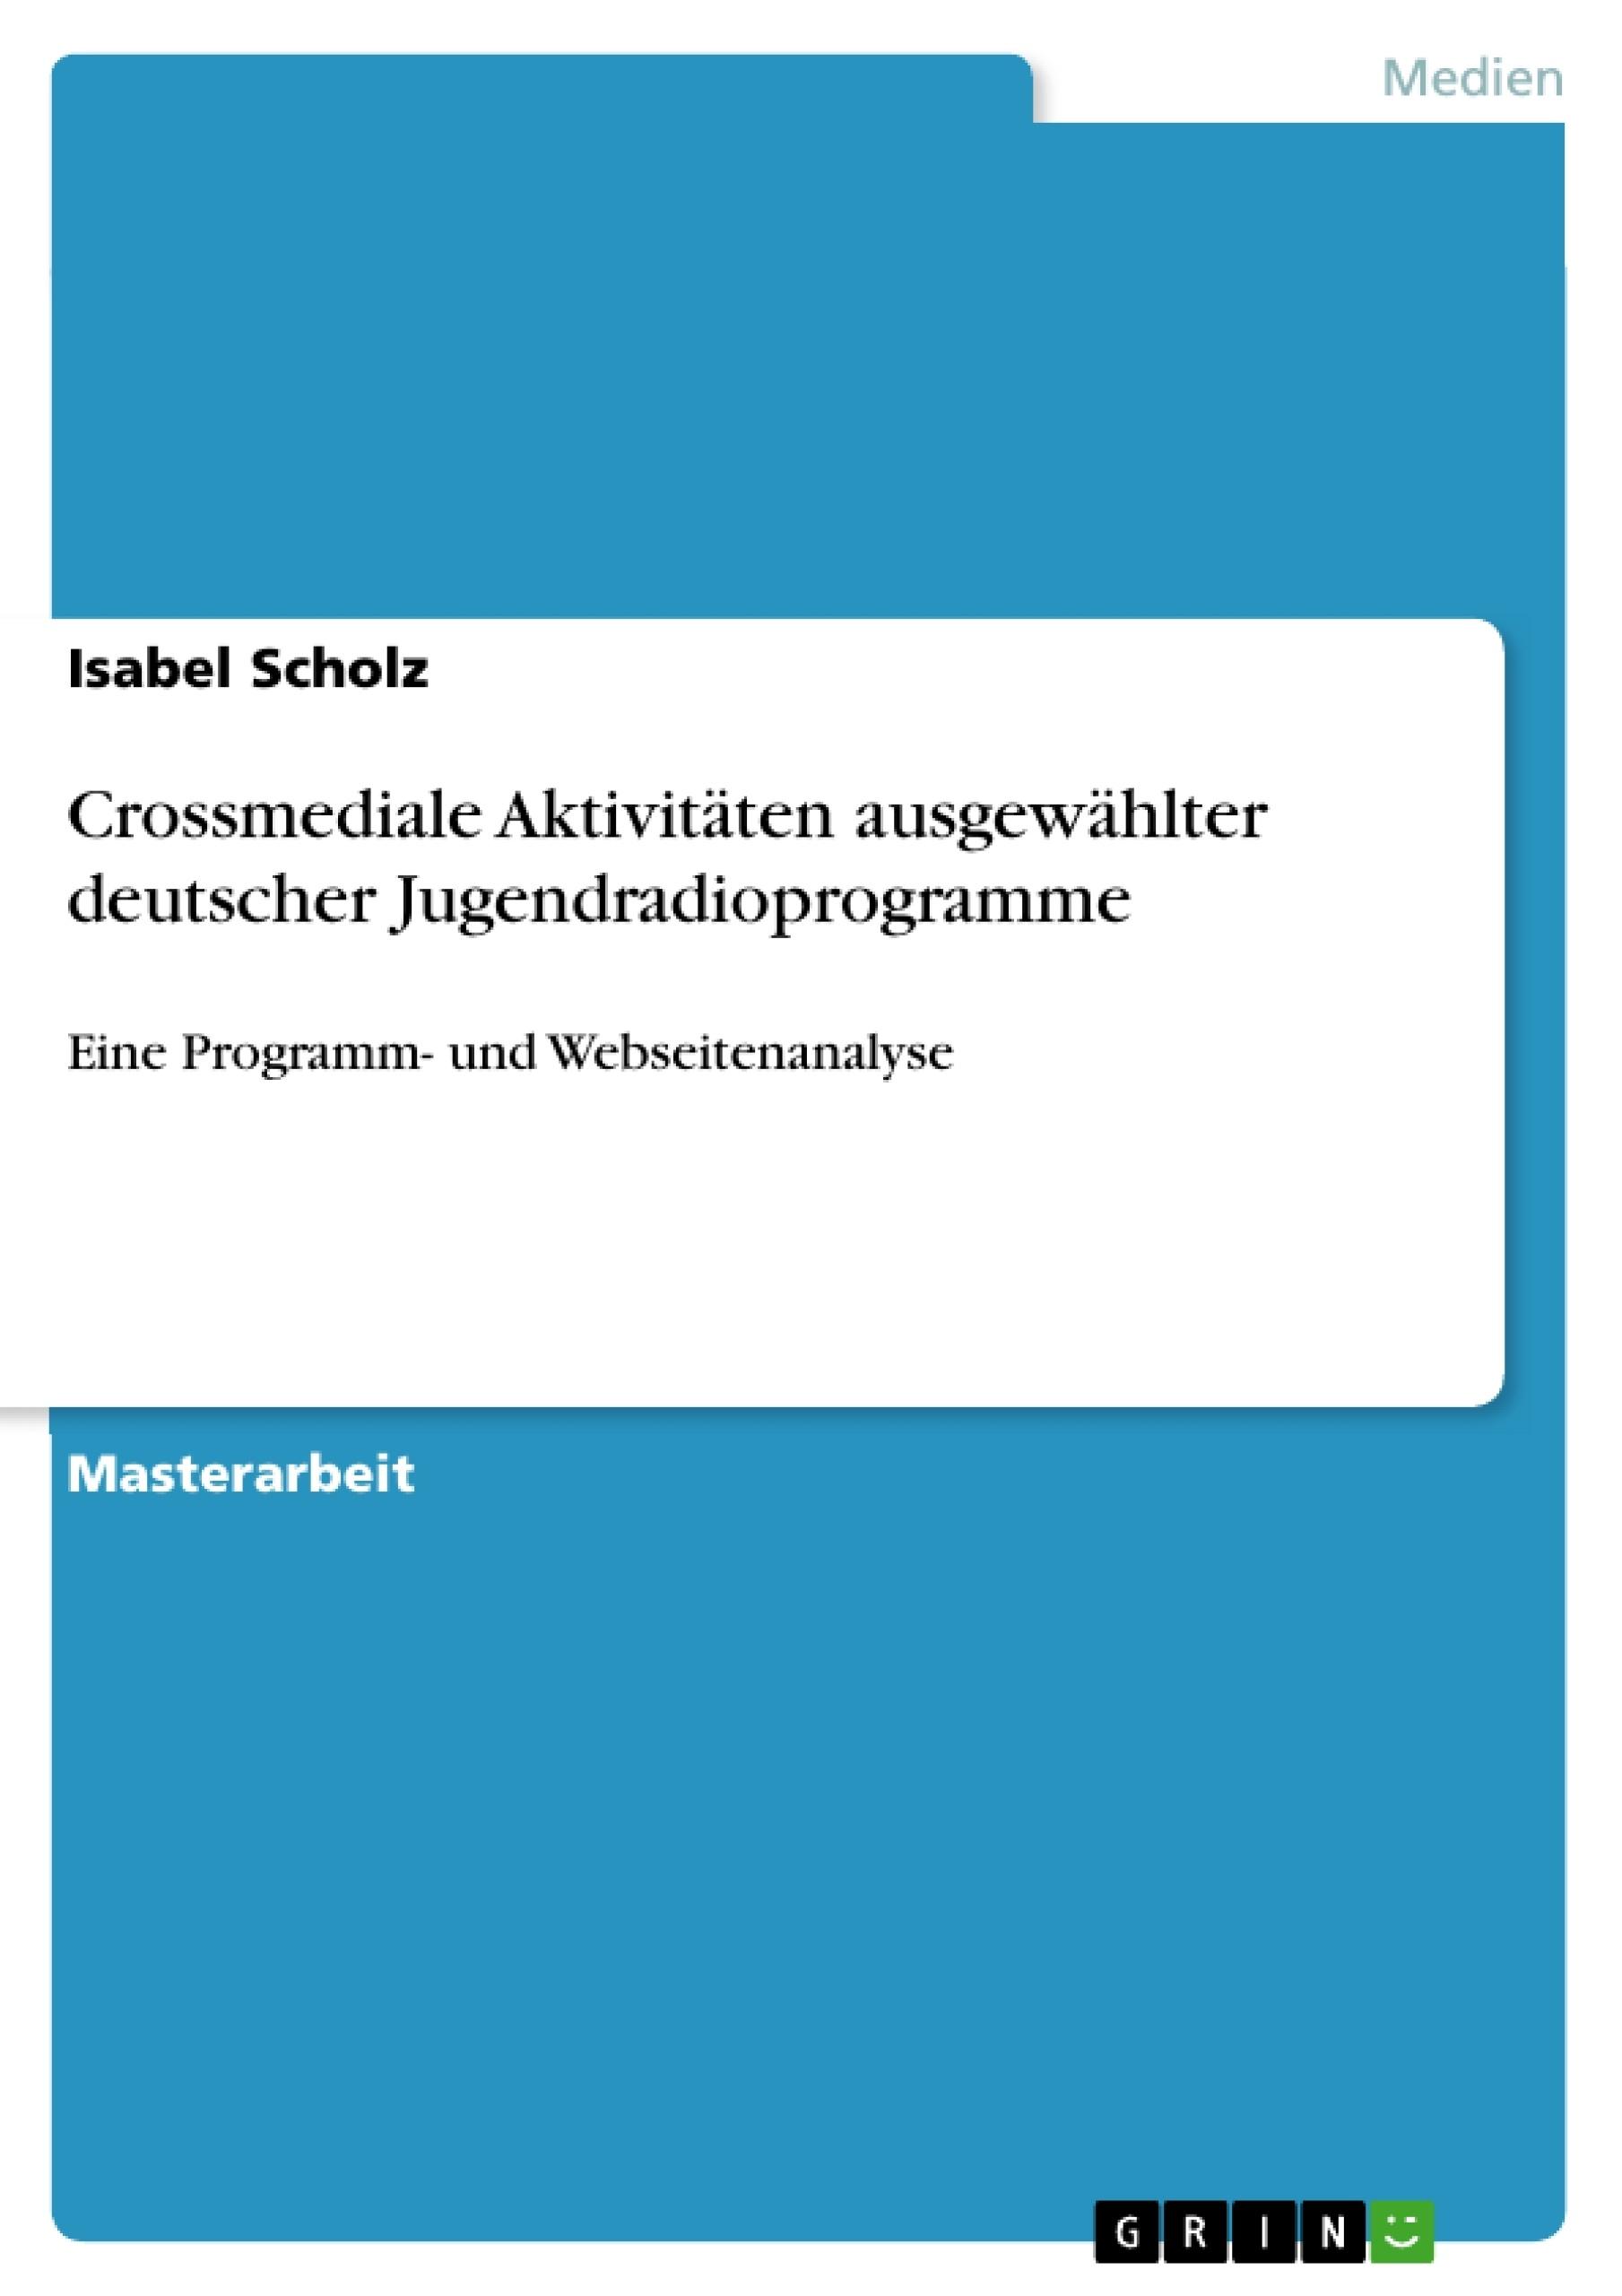 Titel: Crossmediale Aktivitäten ausgewählter deutscher Jugendradioprogramme